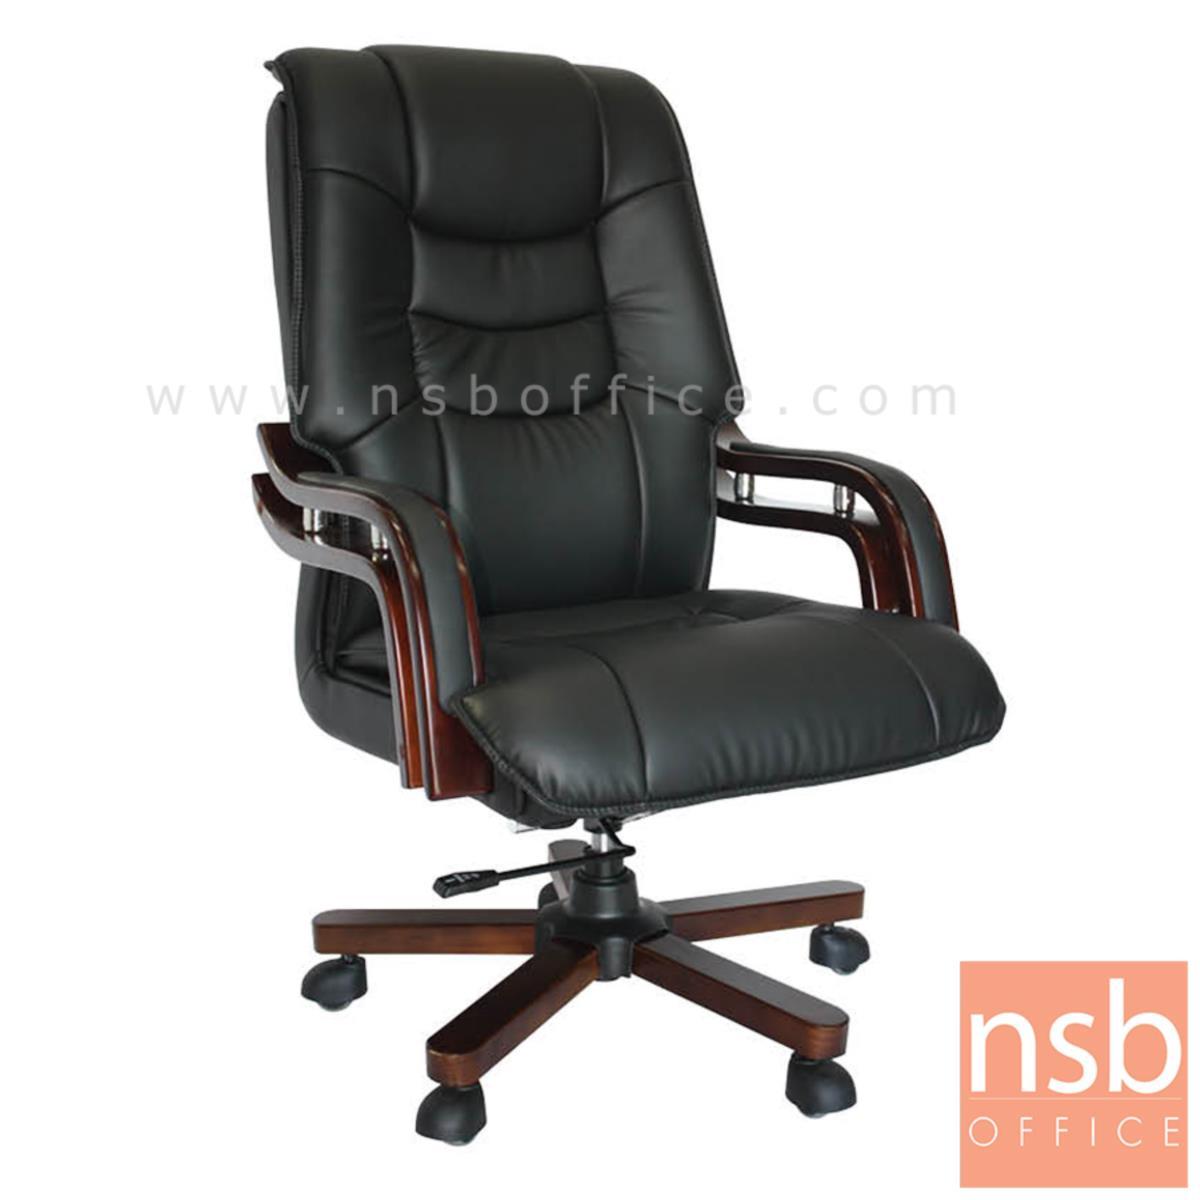 B25A145:เก้าอี้สำนักงาน รุ่น Bailey (เบลีย์) แขน-ขาไม้